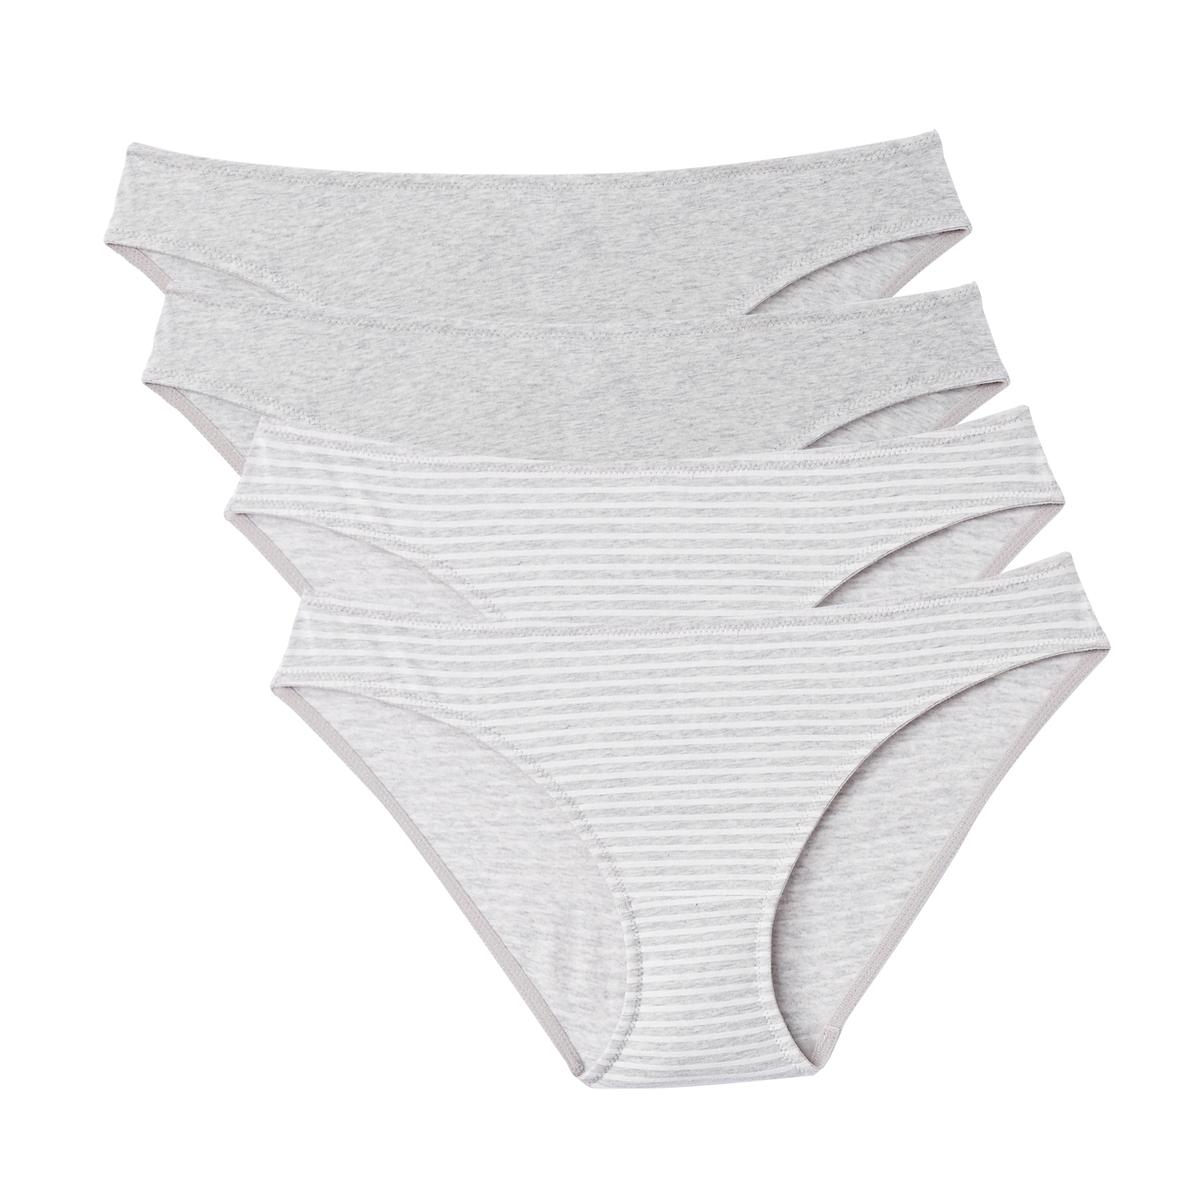 4 трусов-слипов из хлопка для беременных брюки для беременных topshop 4 22